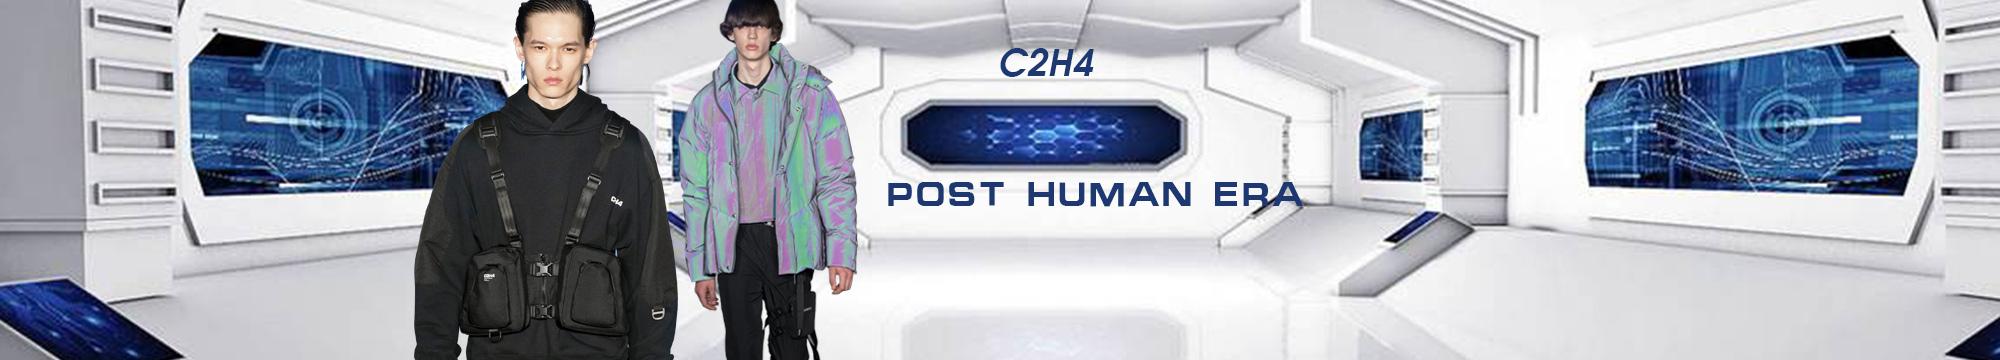 后人類時代--C2H4 Los Angeles男裝T臺分析